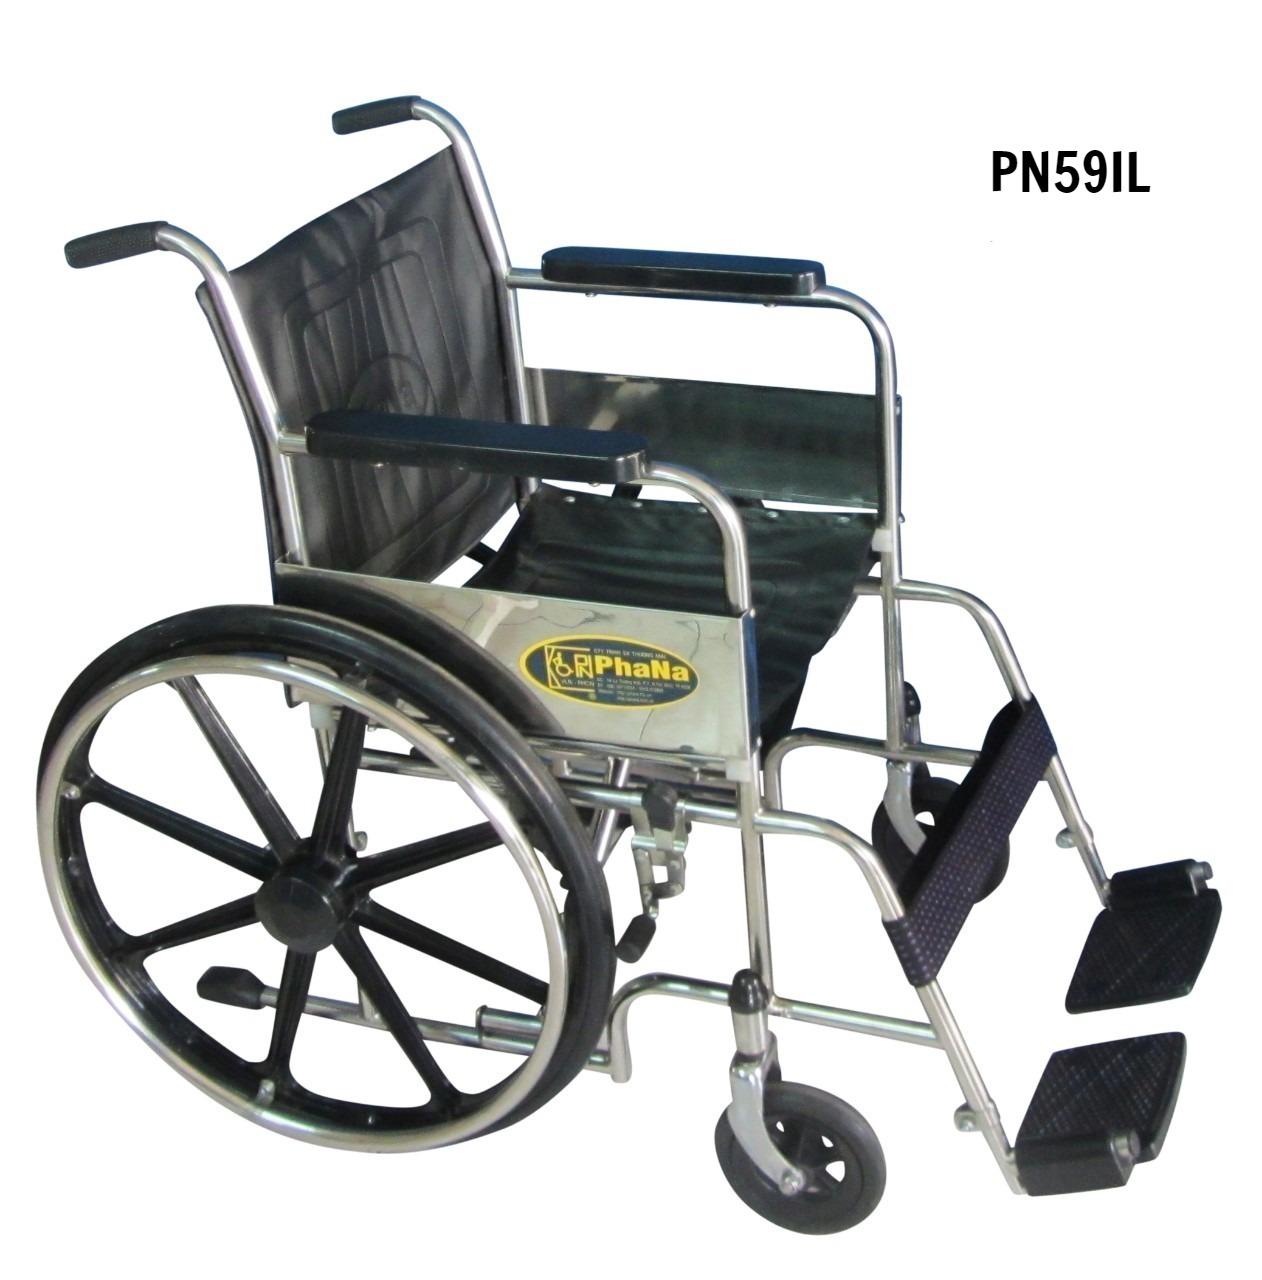 PN59IL - Xe lăn inox người lớn (xe lăn tiêu chuẩn)